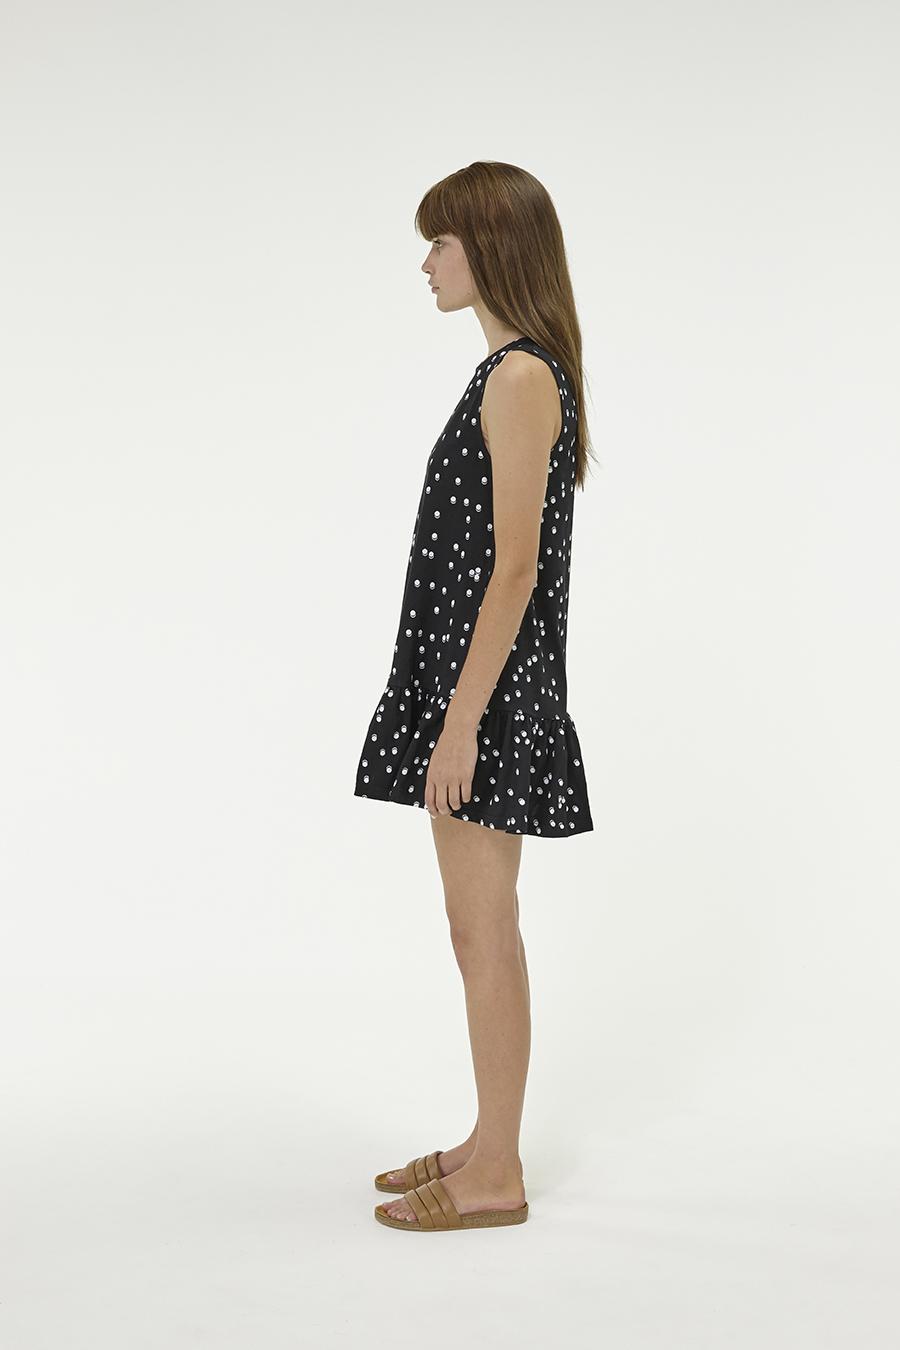 Huffer_Q3-16_W-Port-Volley-Dress_Black-02